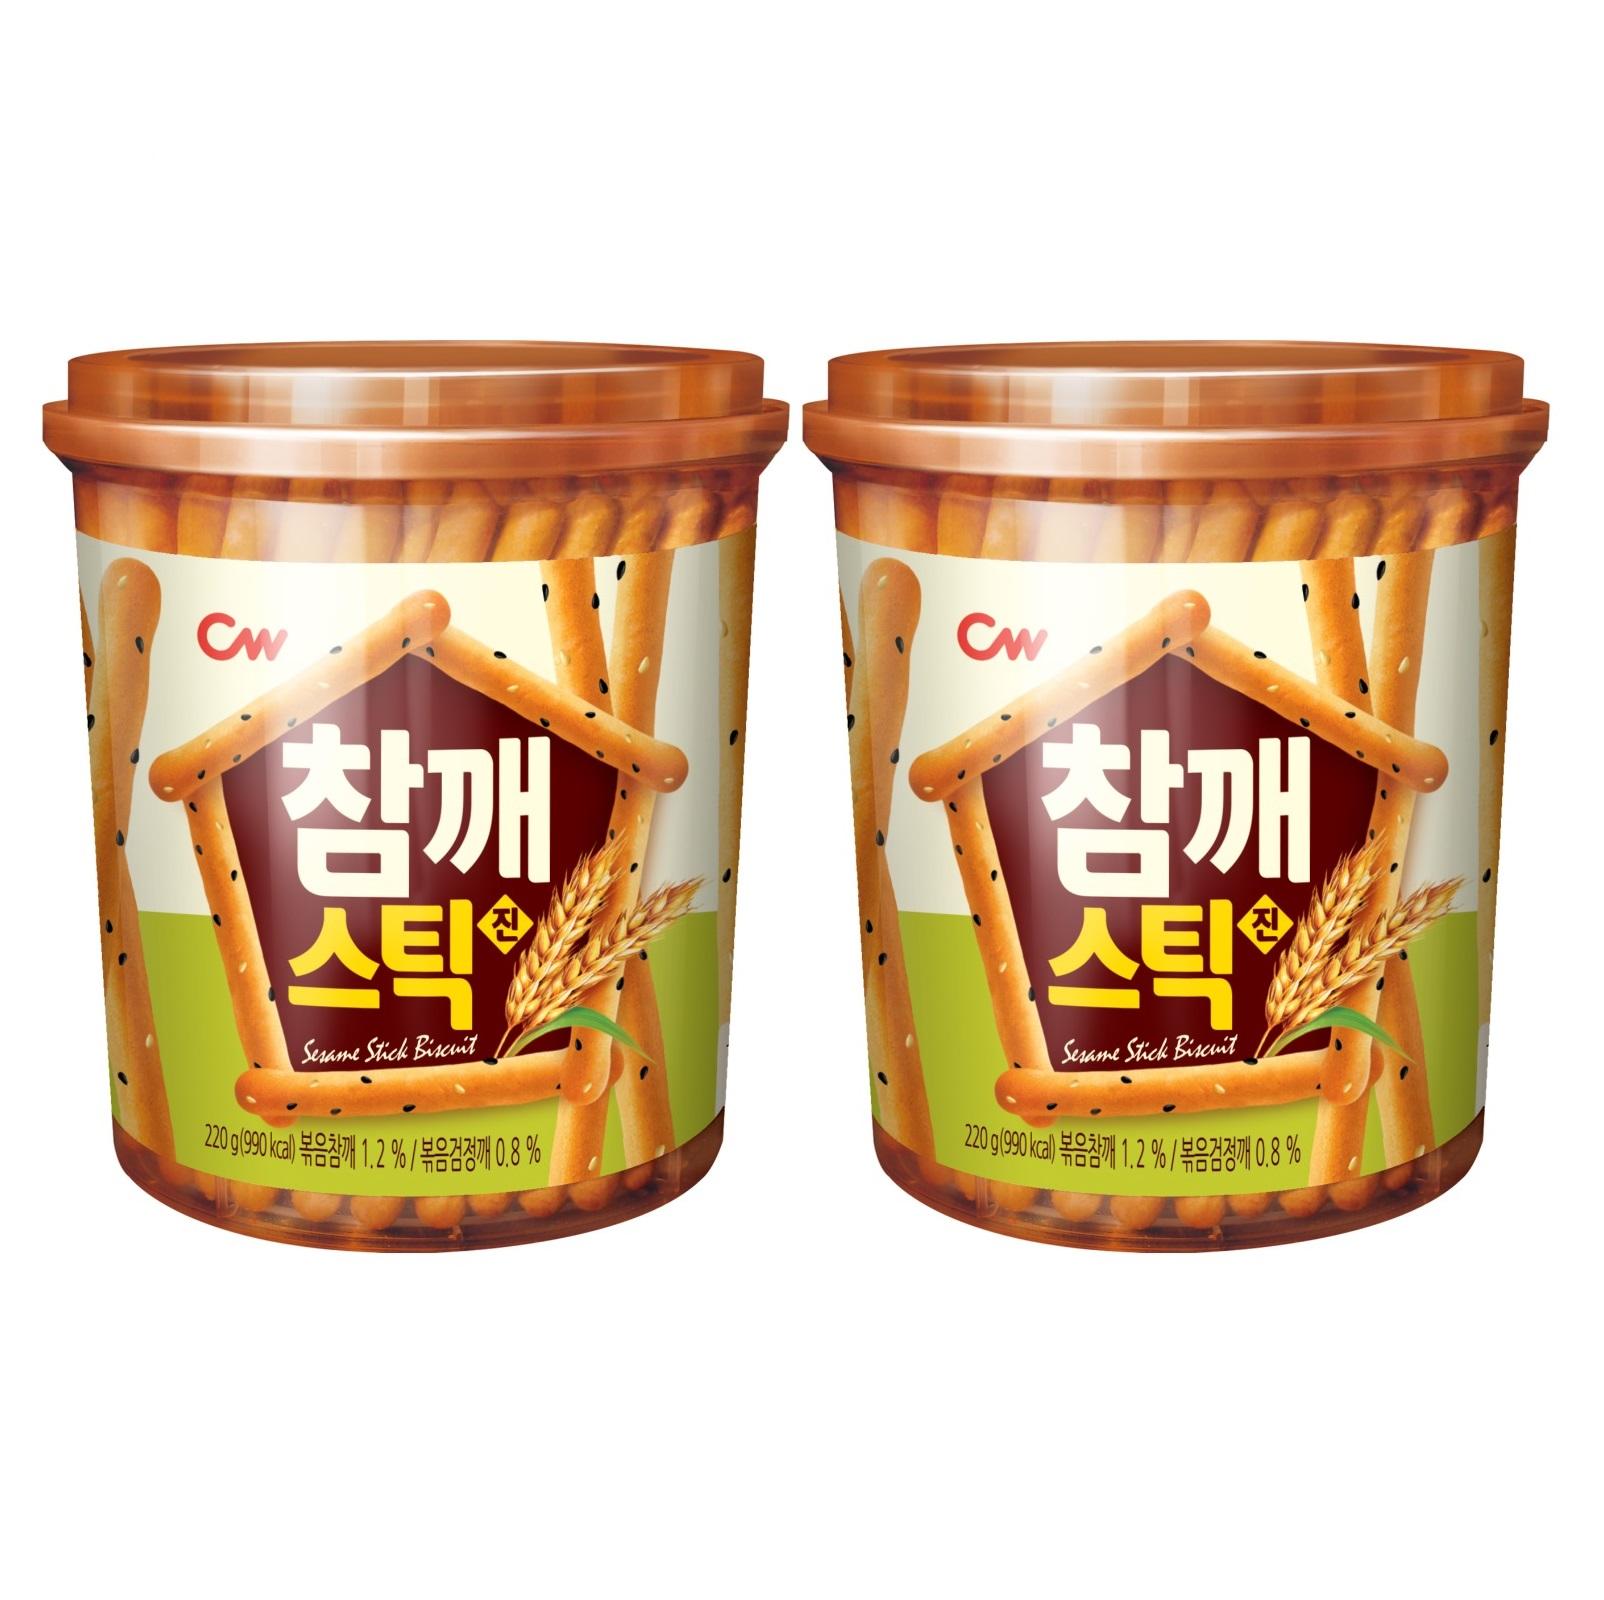 [아기과자] 청우 참깨스틱 220g 2개 - 랭킹5위 (5440원)